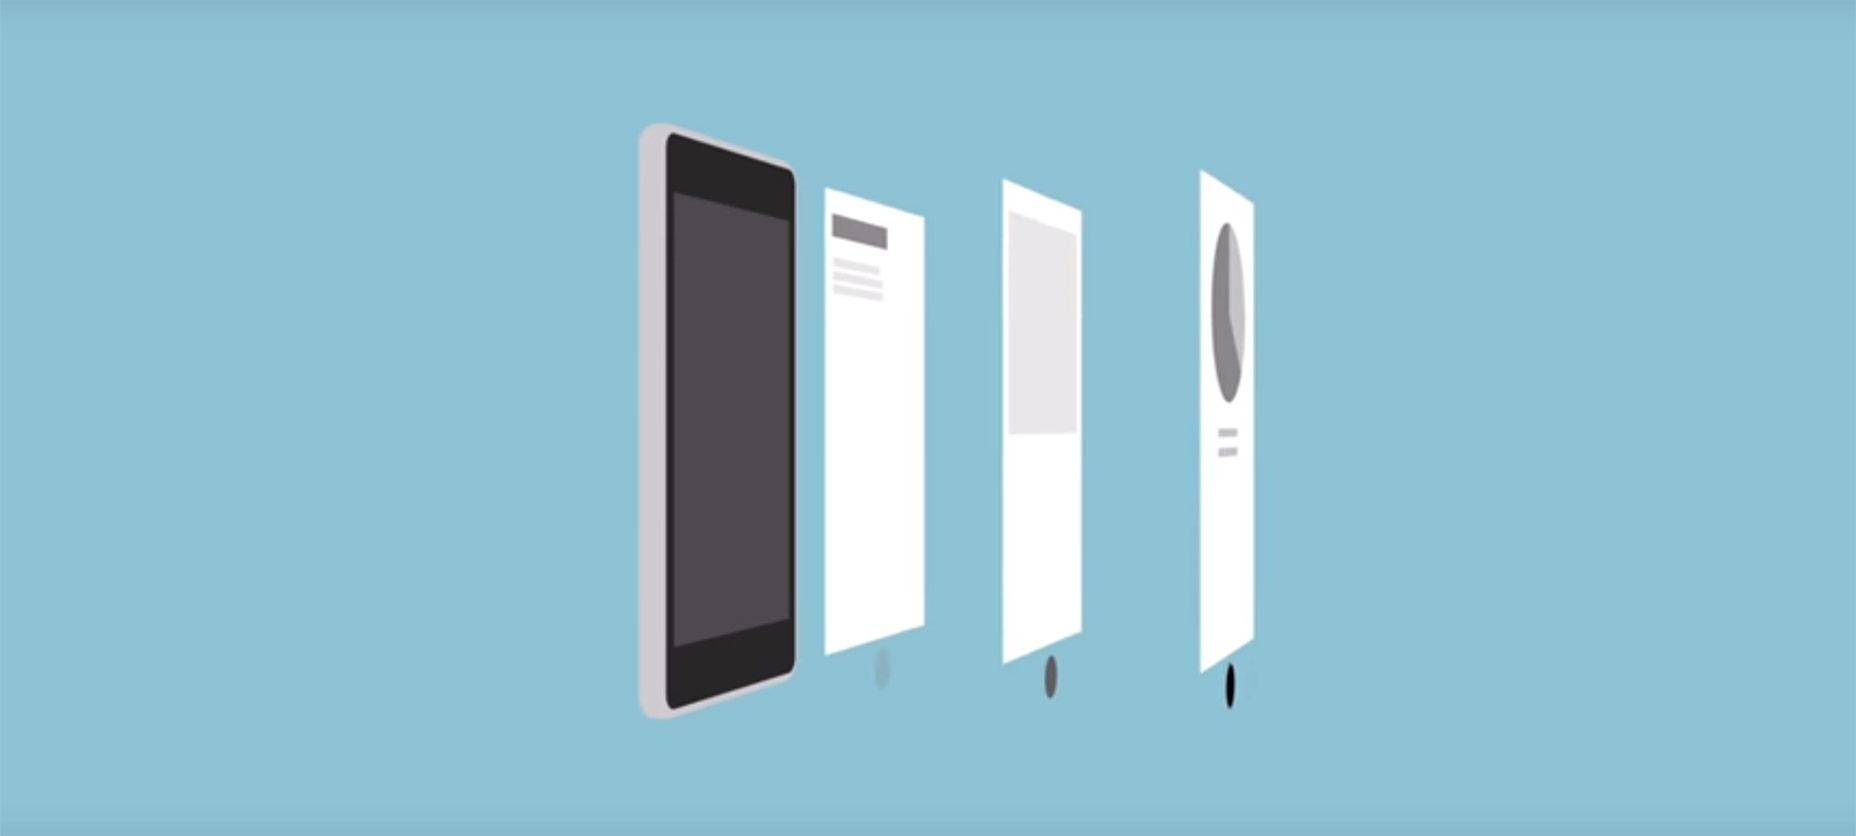 10-breakaway-app-animatie